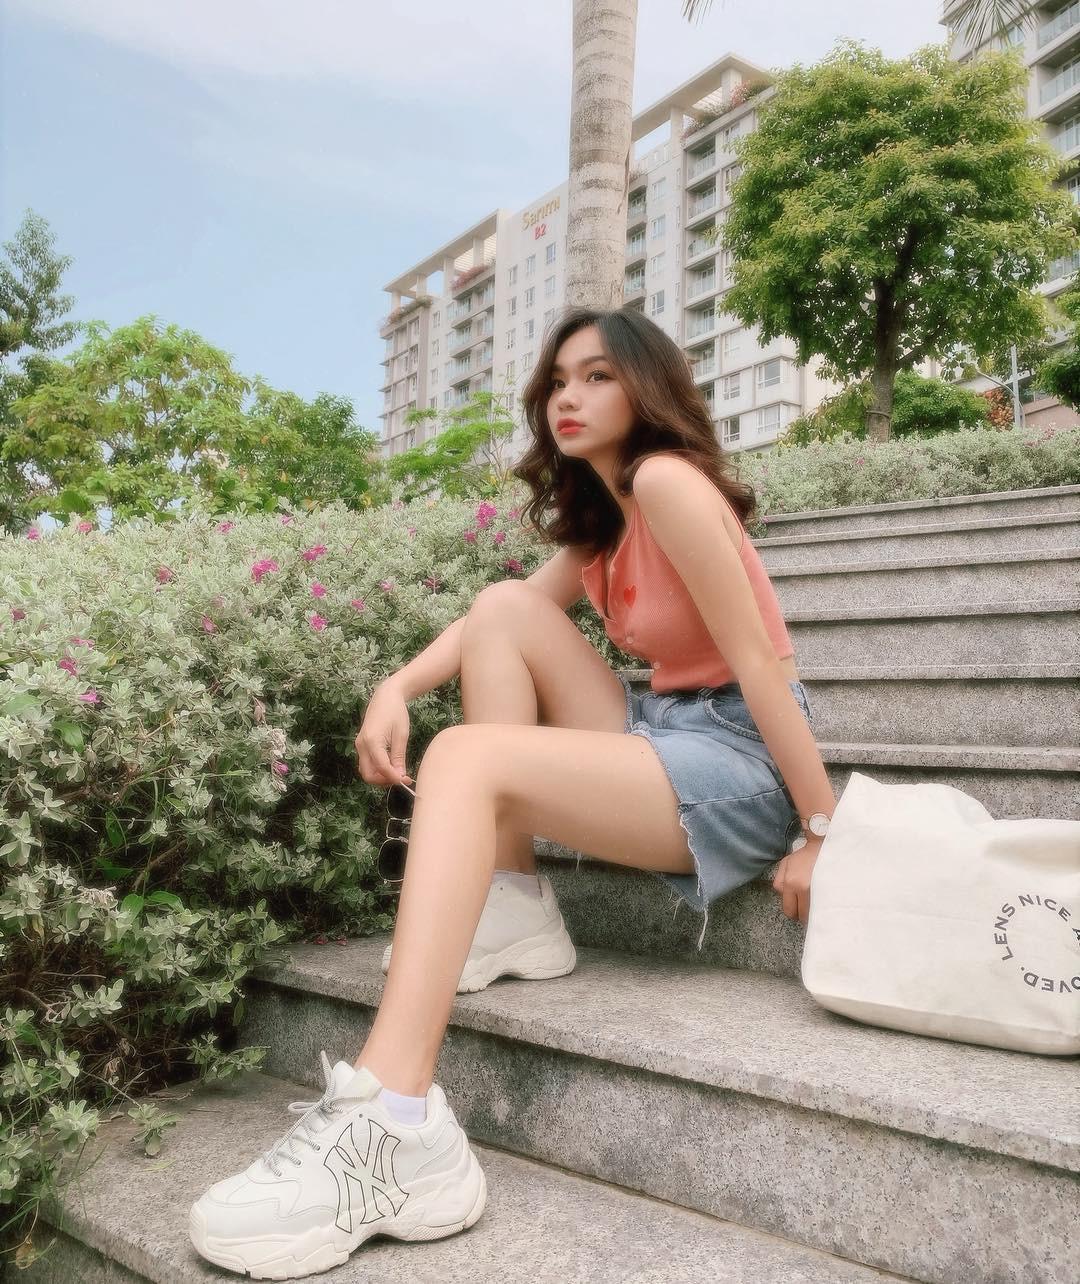 Girl xinh 2000 sở hữu cái tên lạ Trần Nhã Ca, tiết lộ chẳng mấy khi phải dùng đến phần mềm chỉnh ảnh vì lí do này - Ảnh 10.